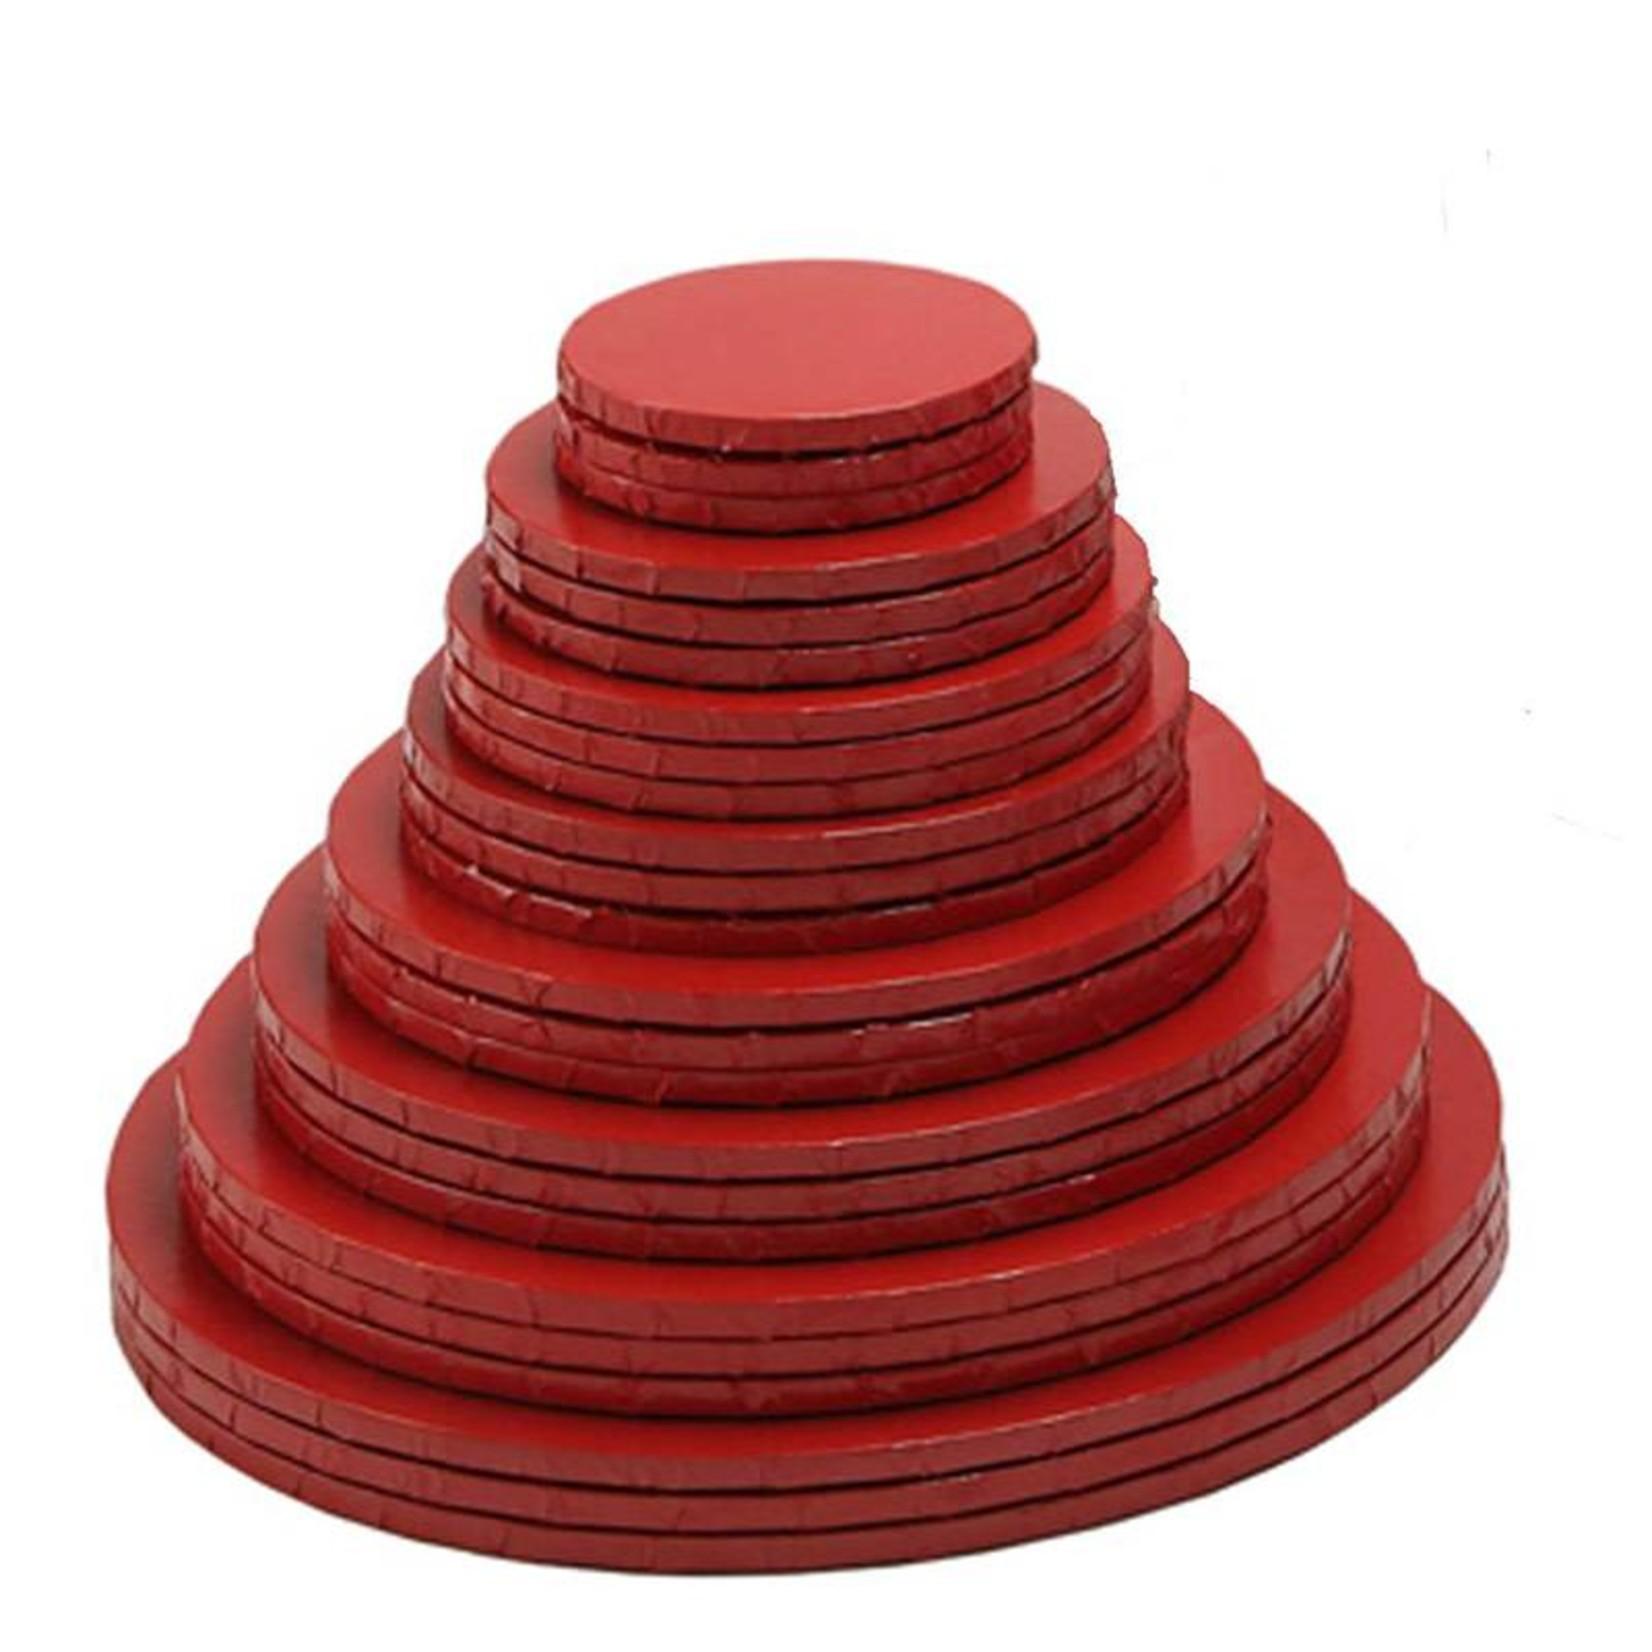 """Enjay Enjay - Cake drum - 1/2"""" round, Red -"""